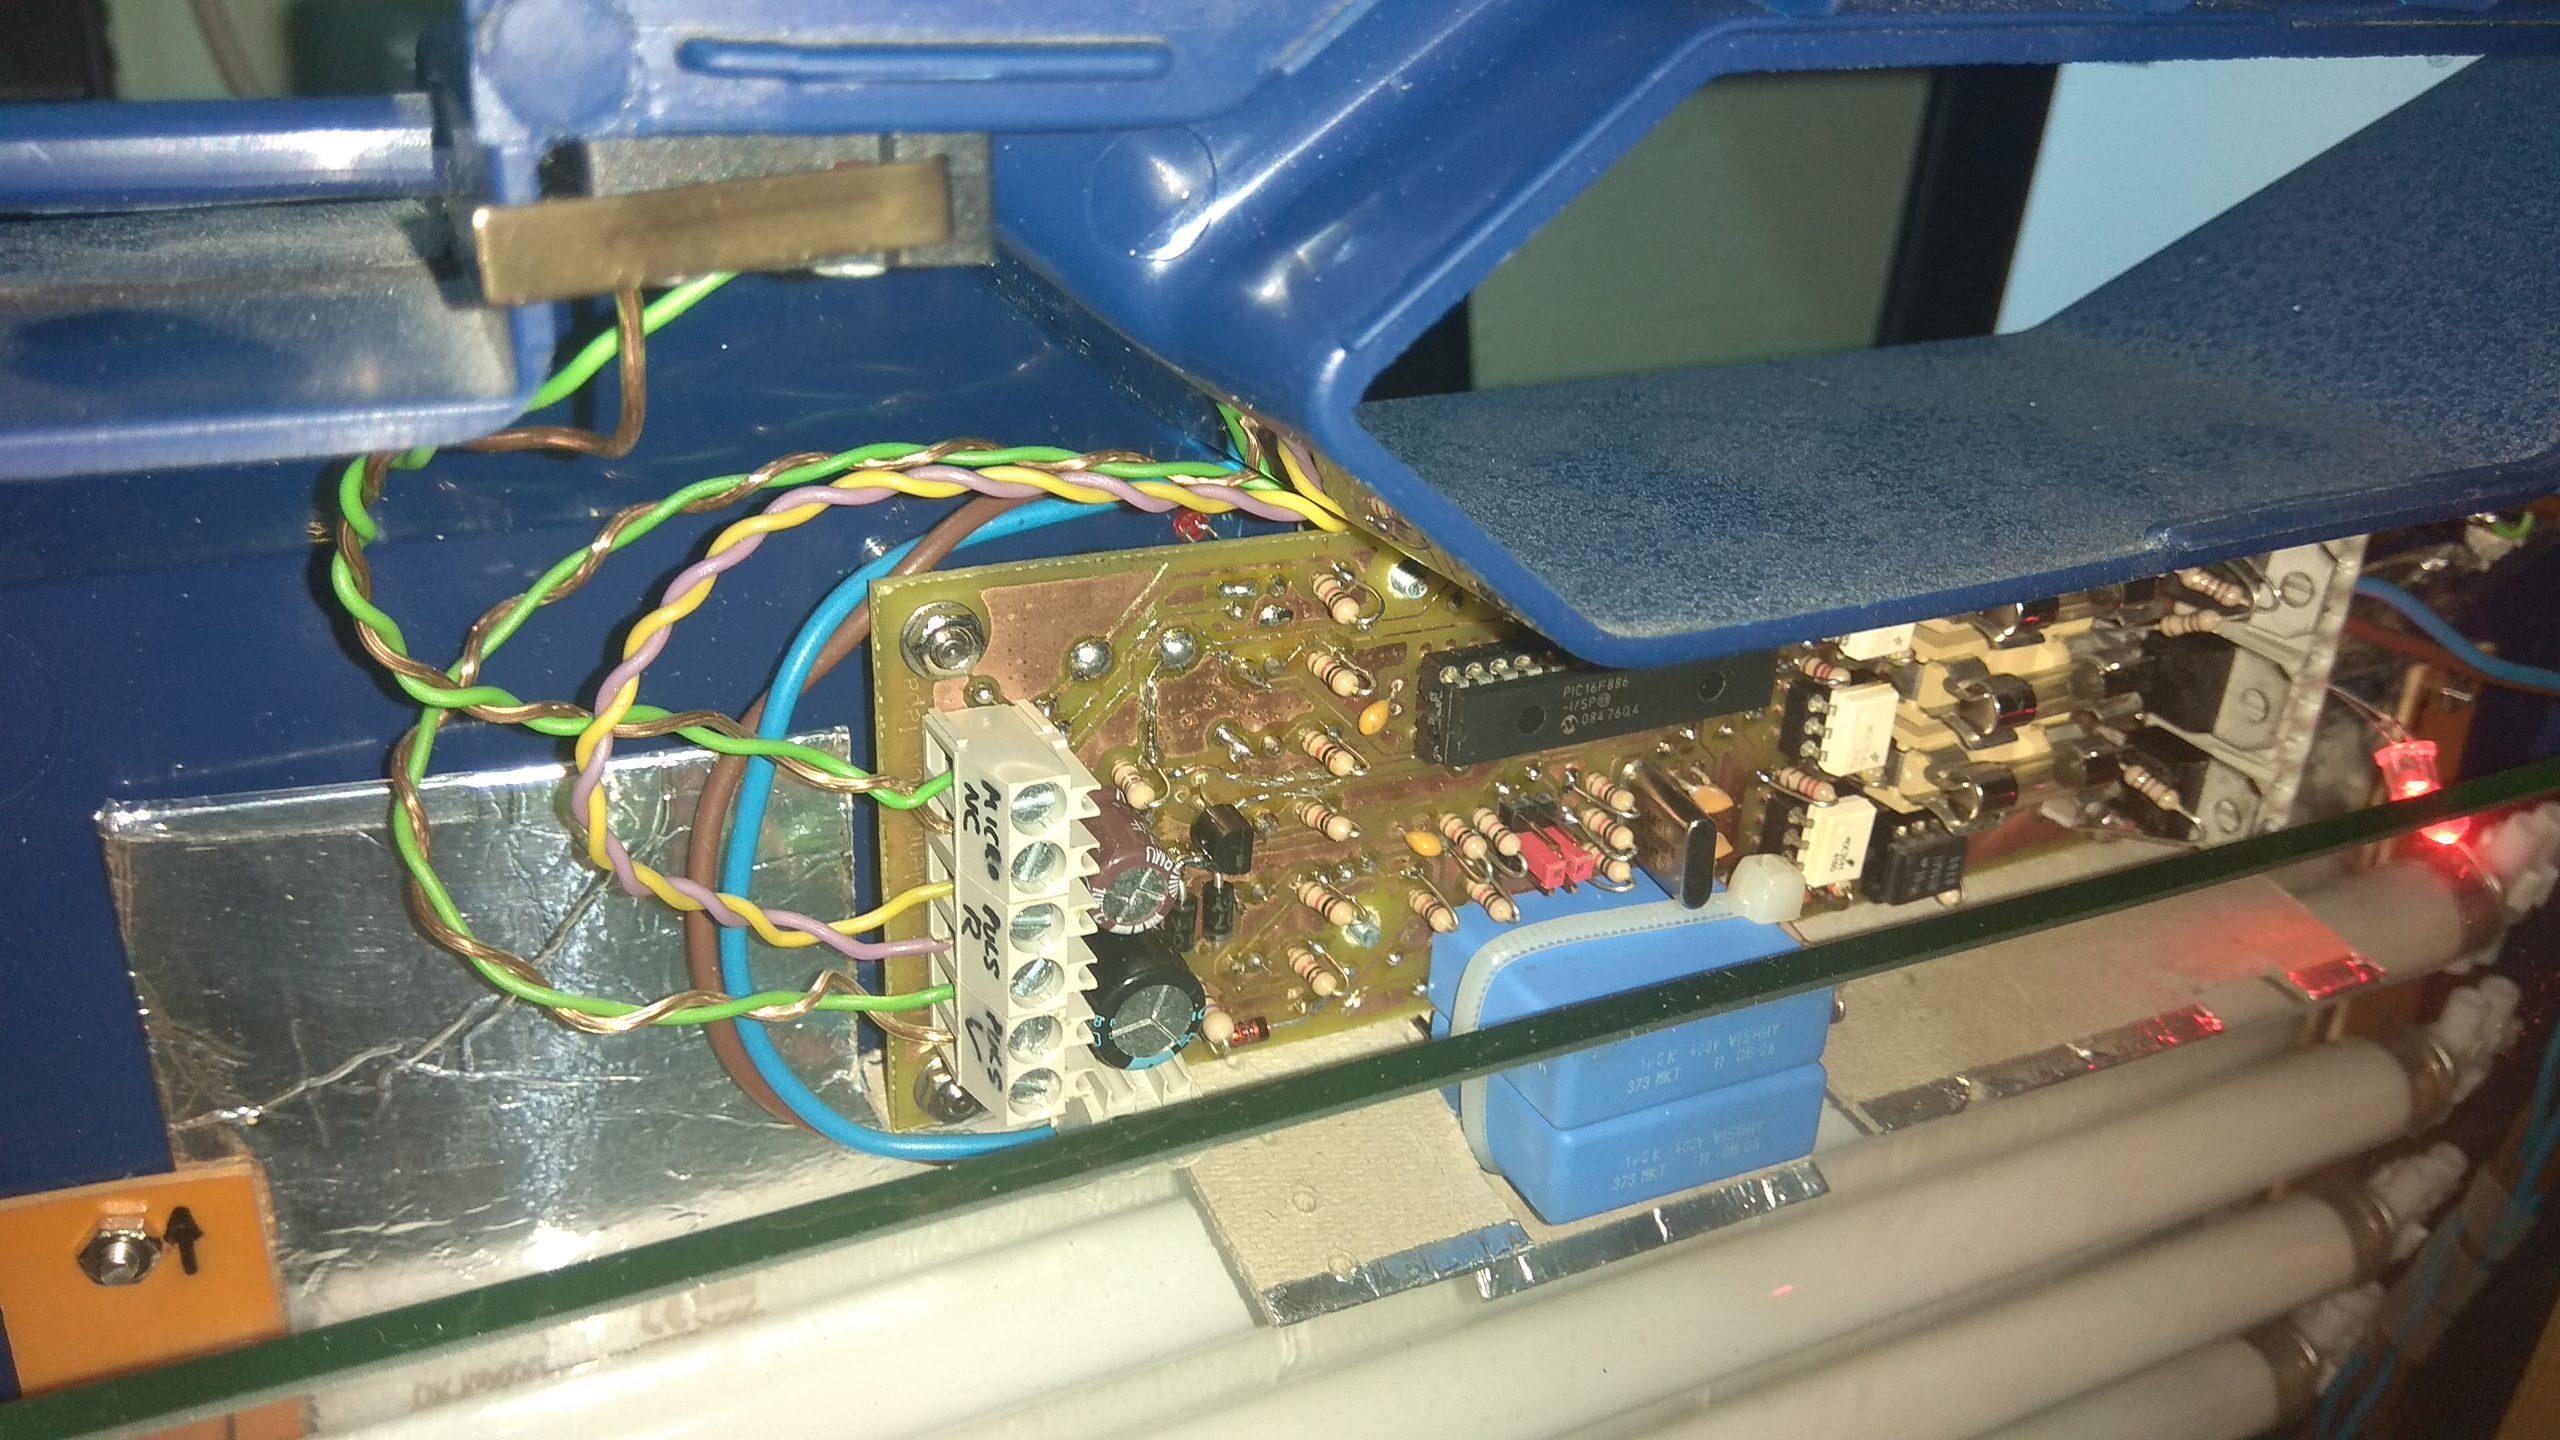 detalle segundo condensador